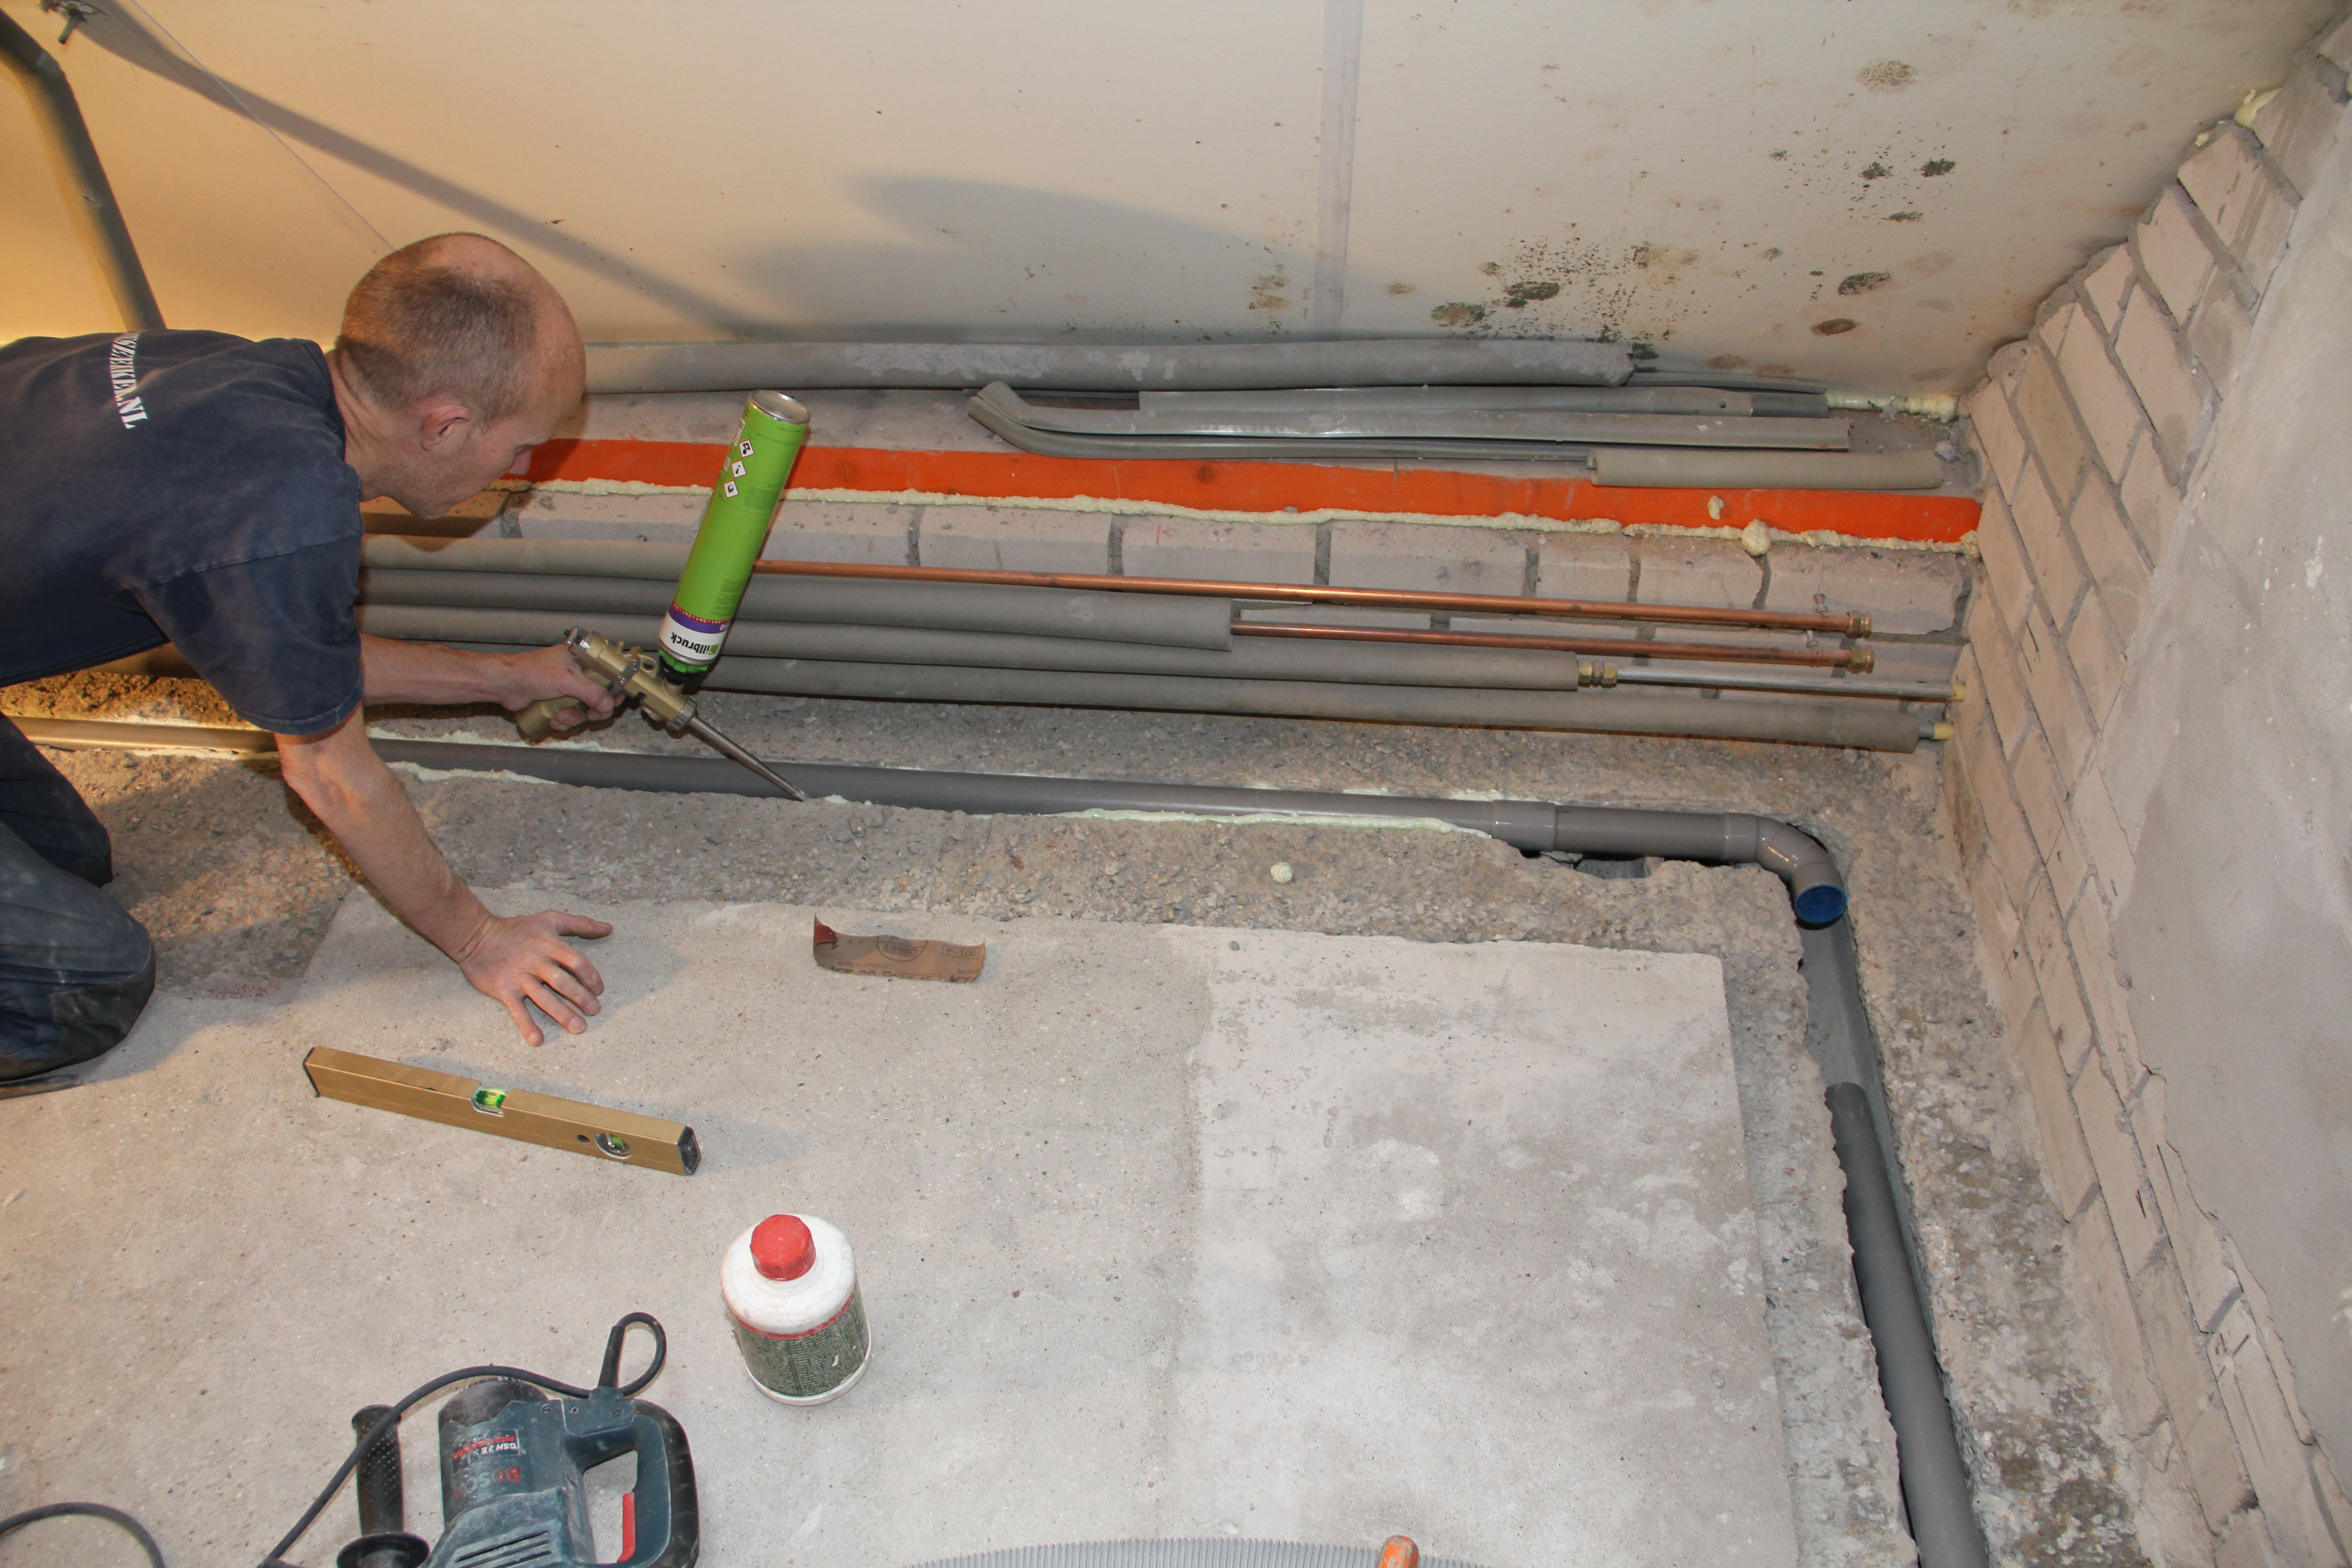 Badkamer Renoveren? Hoe werkt dat bij Wiesenekker Badkamers?